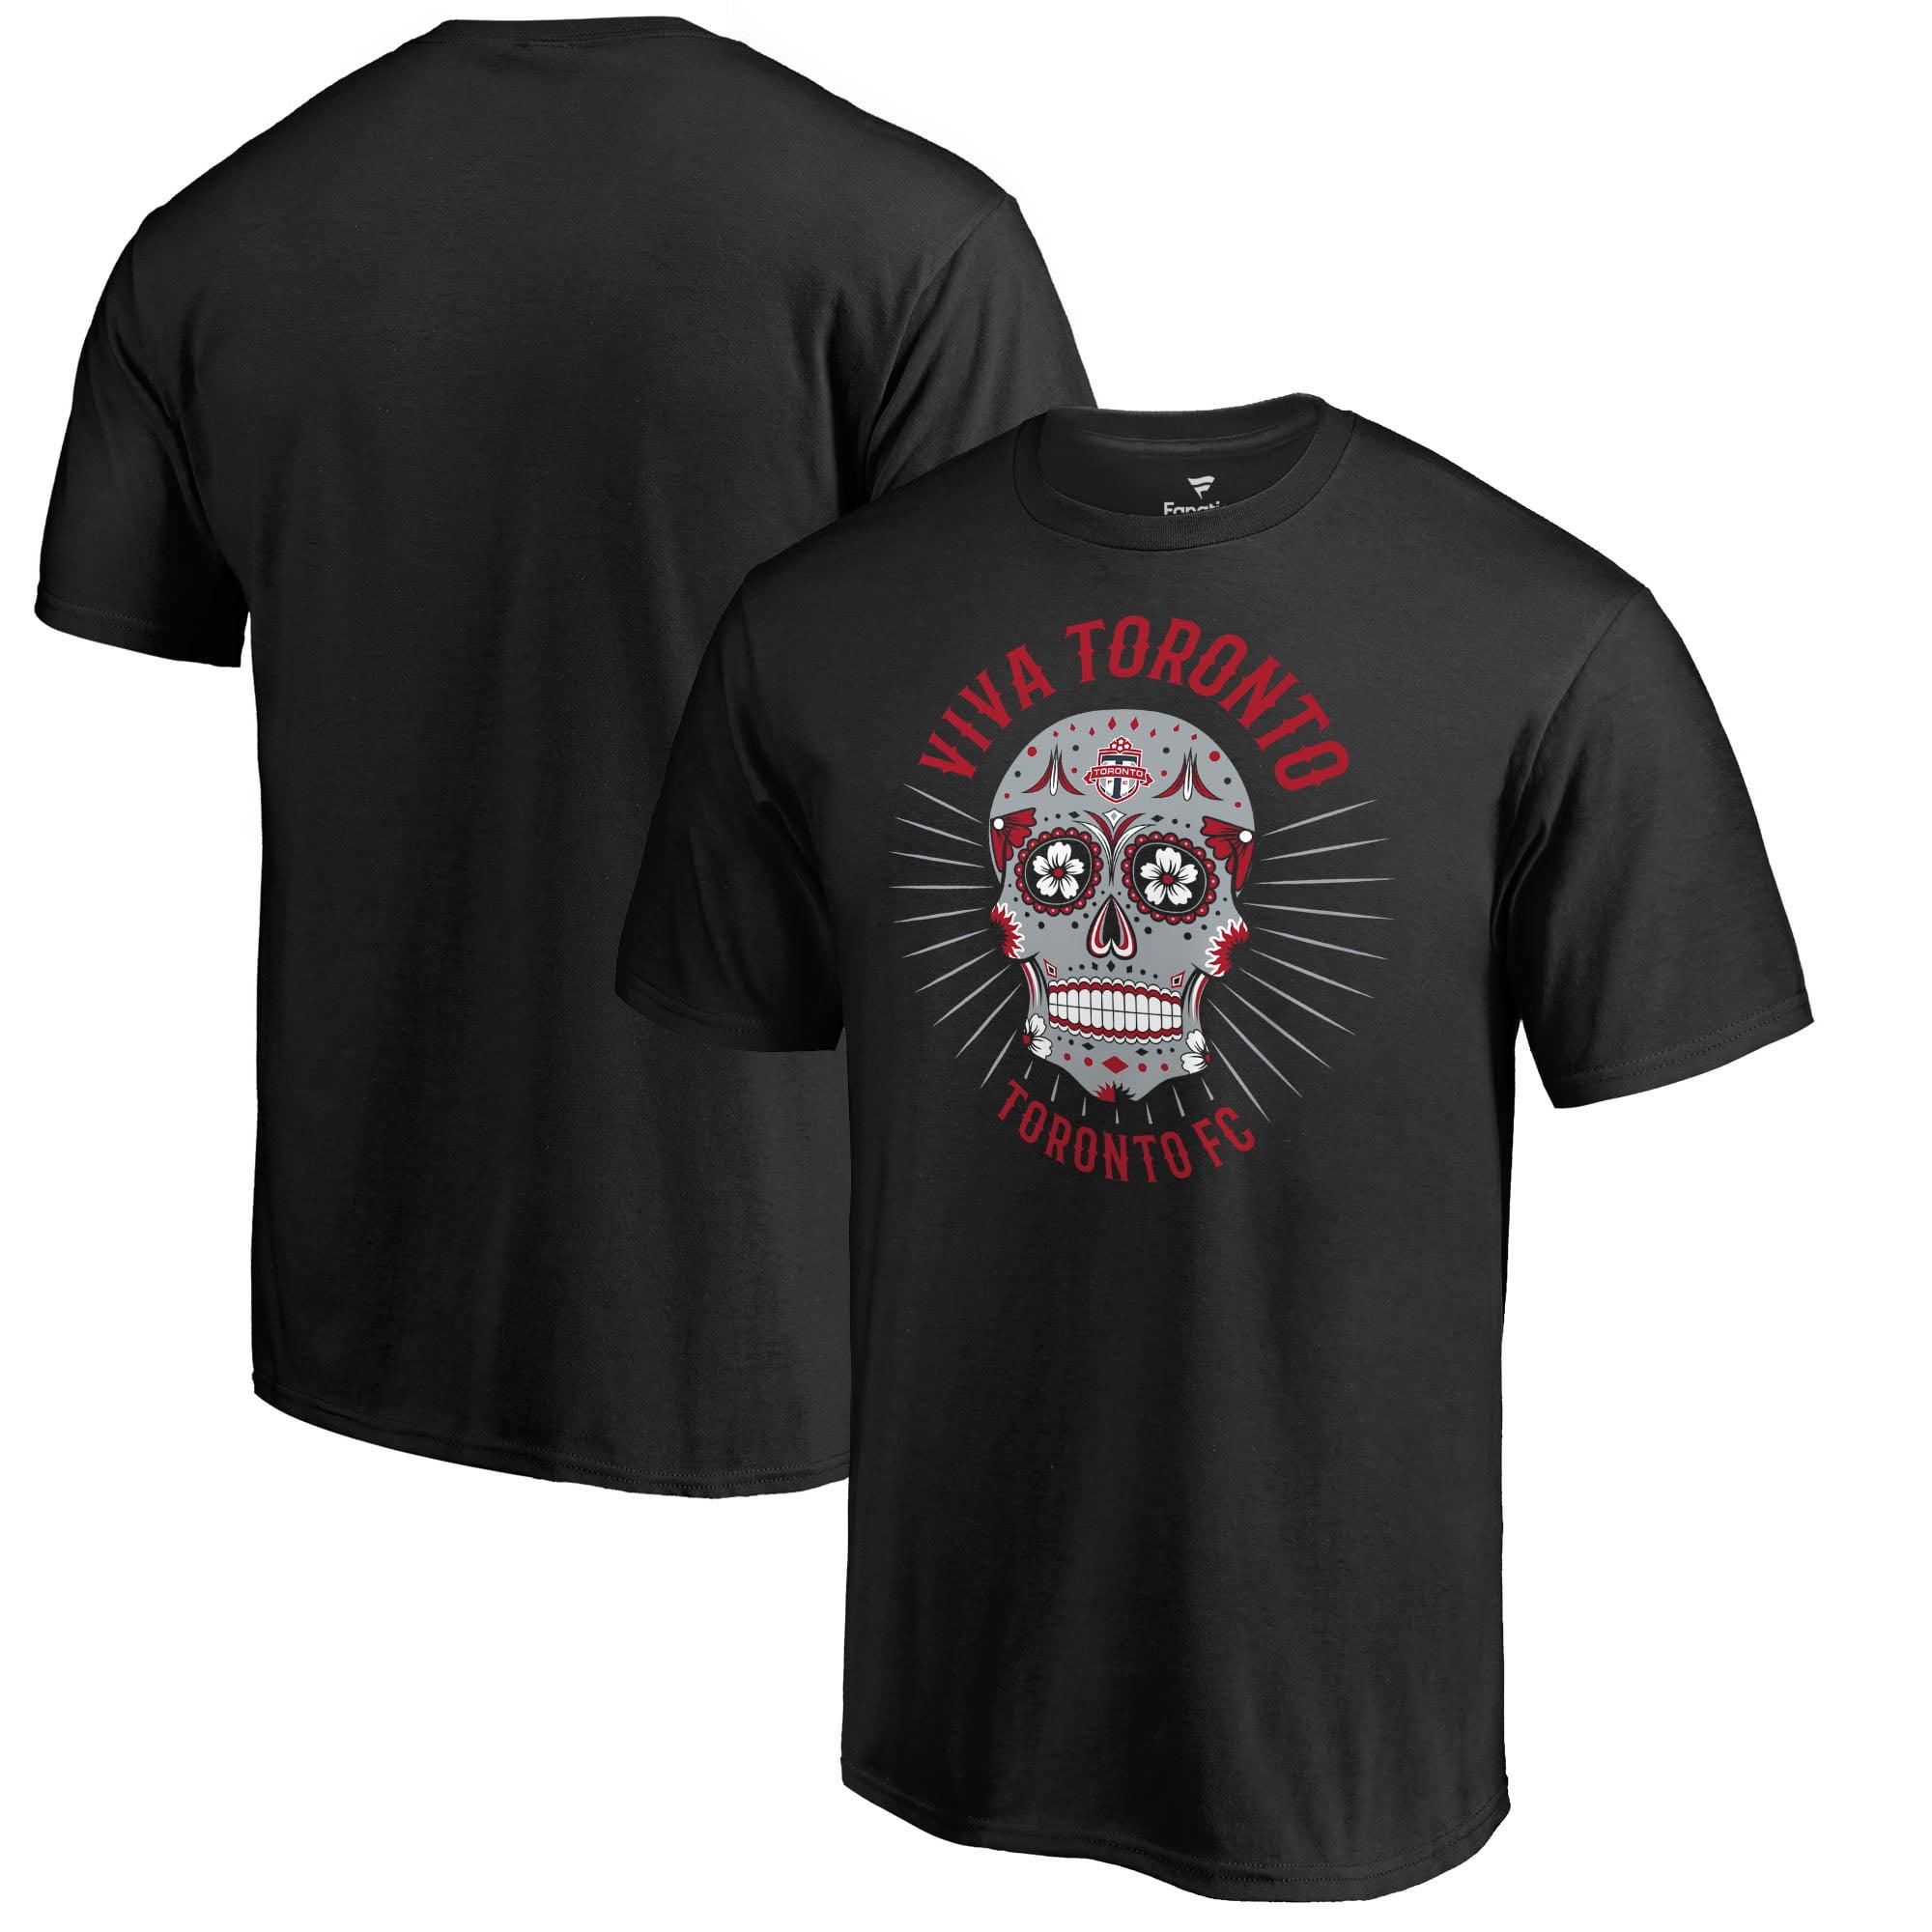 Toronto FC Fanatics Branded Hispanic Heritage Viva T-Shirt T-Shirt - Black